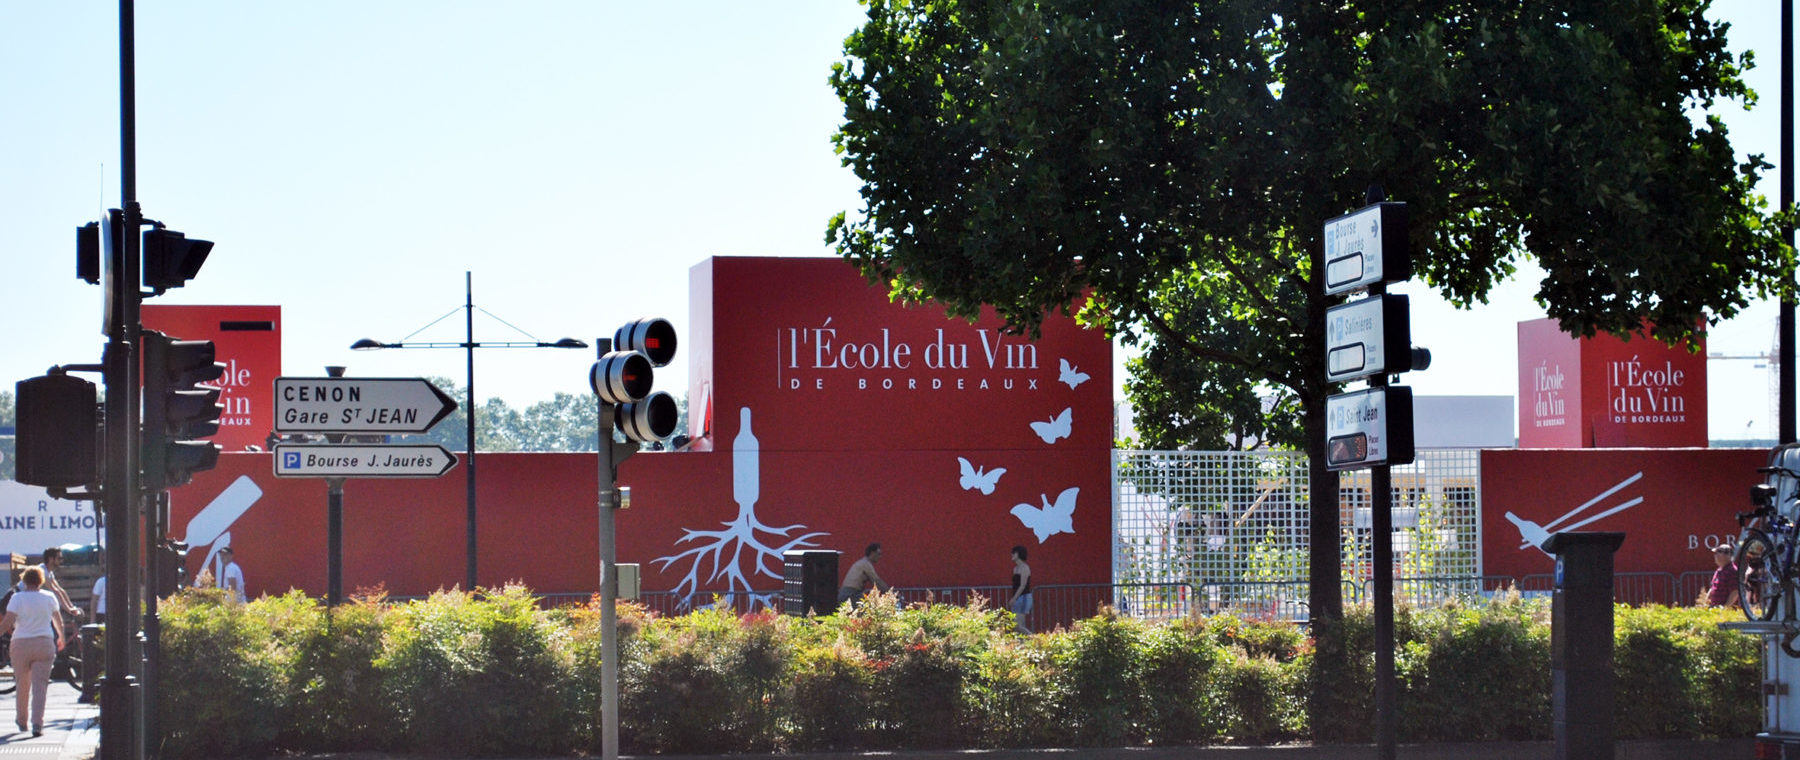 pavillon-école-du-vin-2016-graphisme-façades